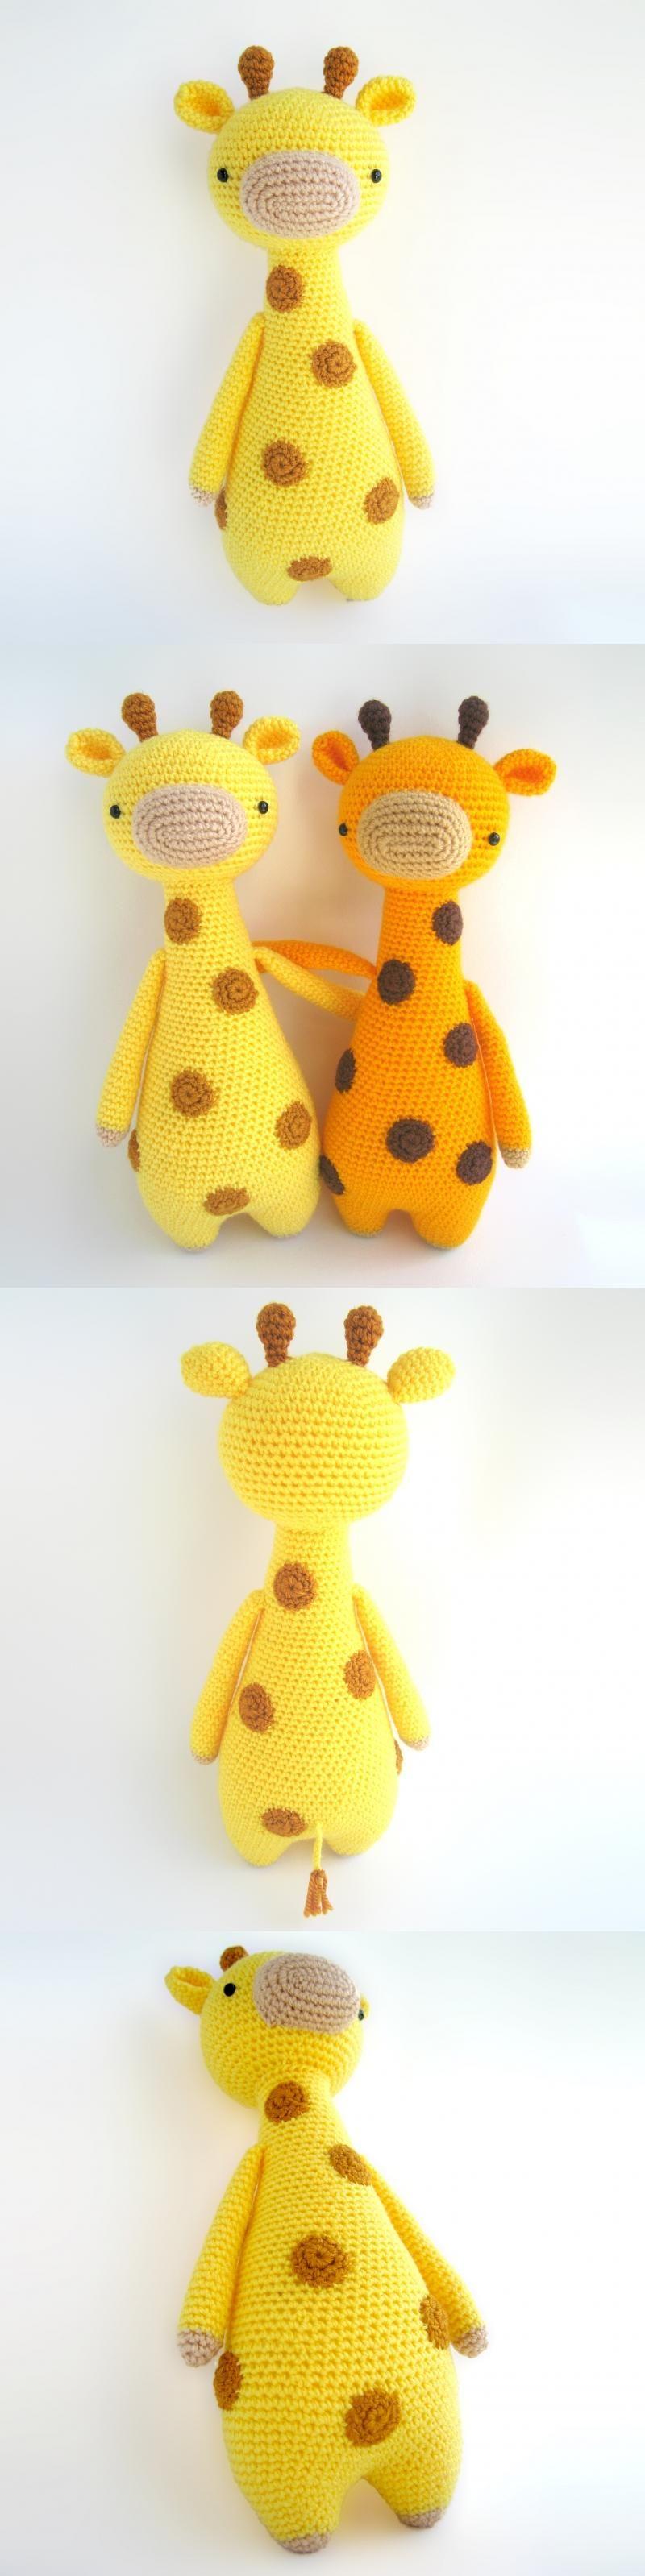 Zwei süsse Giraffen                                                                                                                                                                                 Mehr